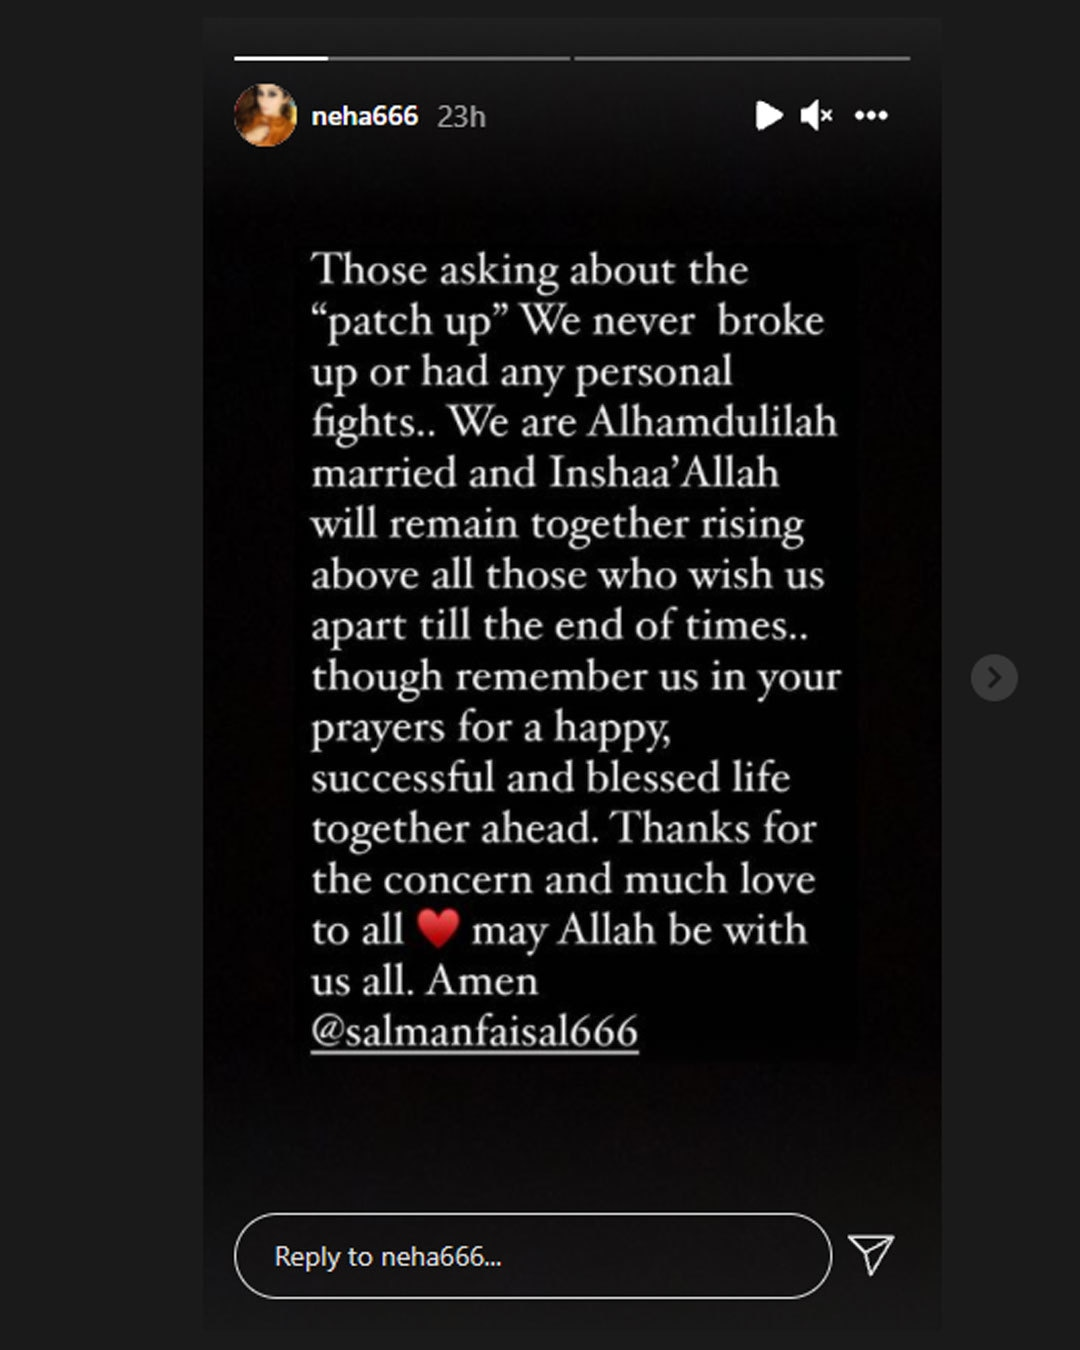 نیہا ملک نے انسٹاگرام اسٹوری میں وضاحت کی—اسکرین شاٹ